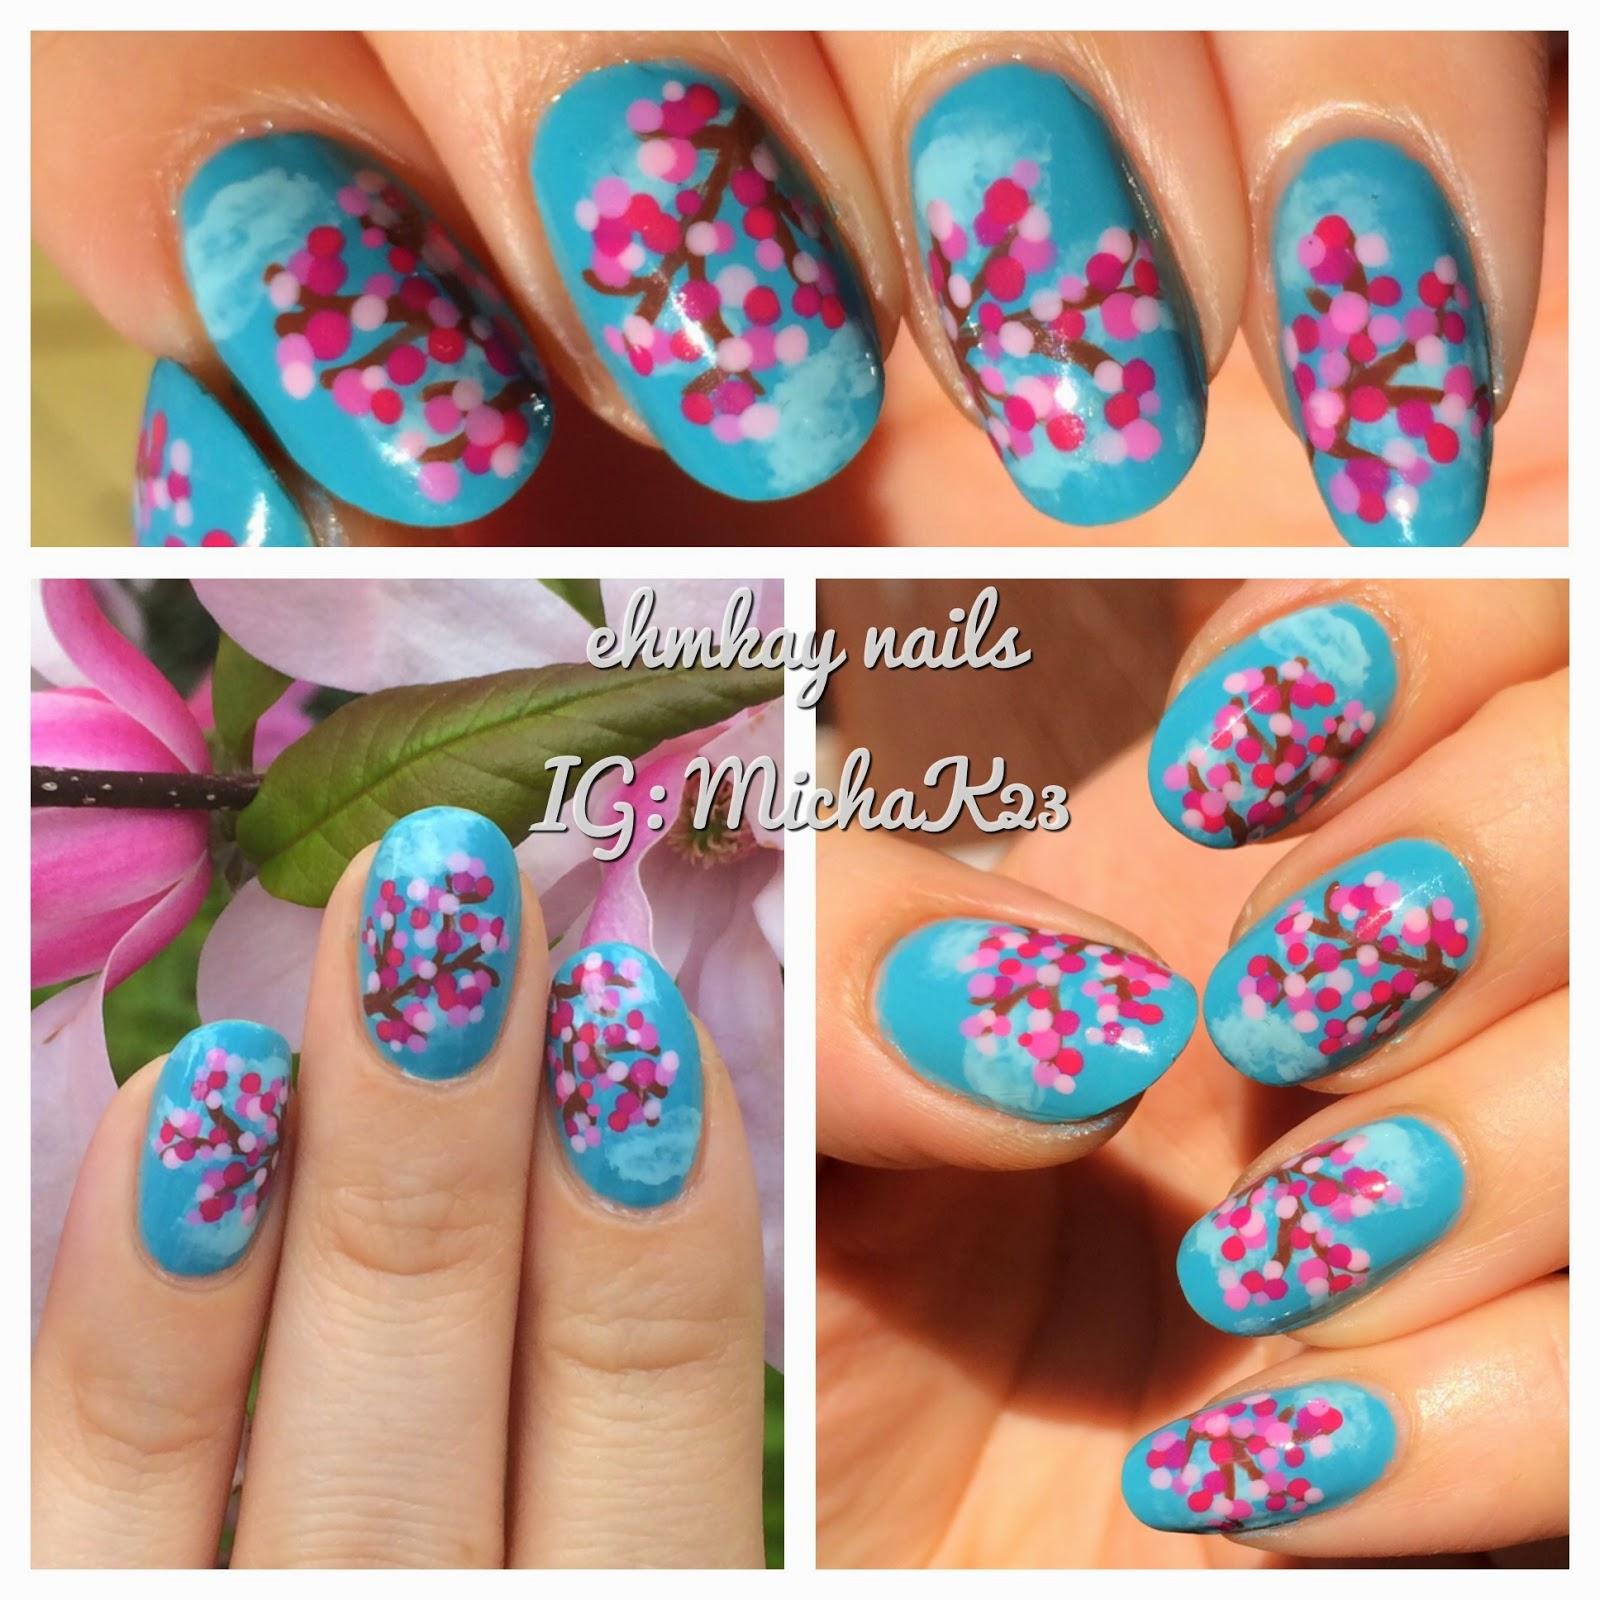 Ehmkay Nails Cherry Blossoms Nail Art With Zoya Nail Polish